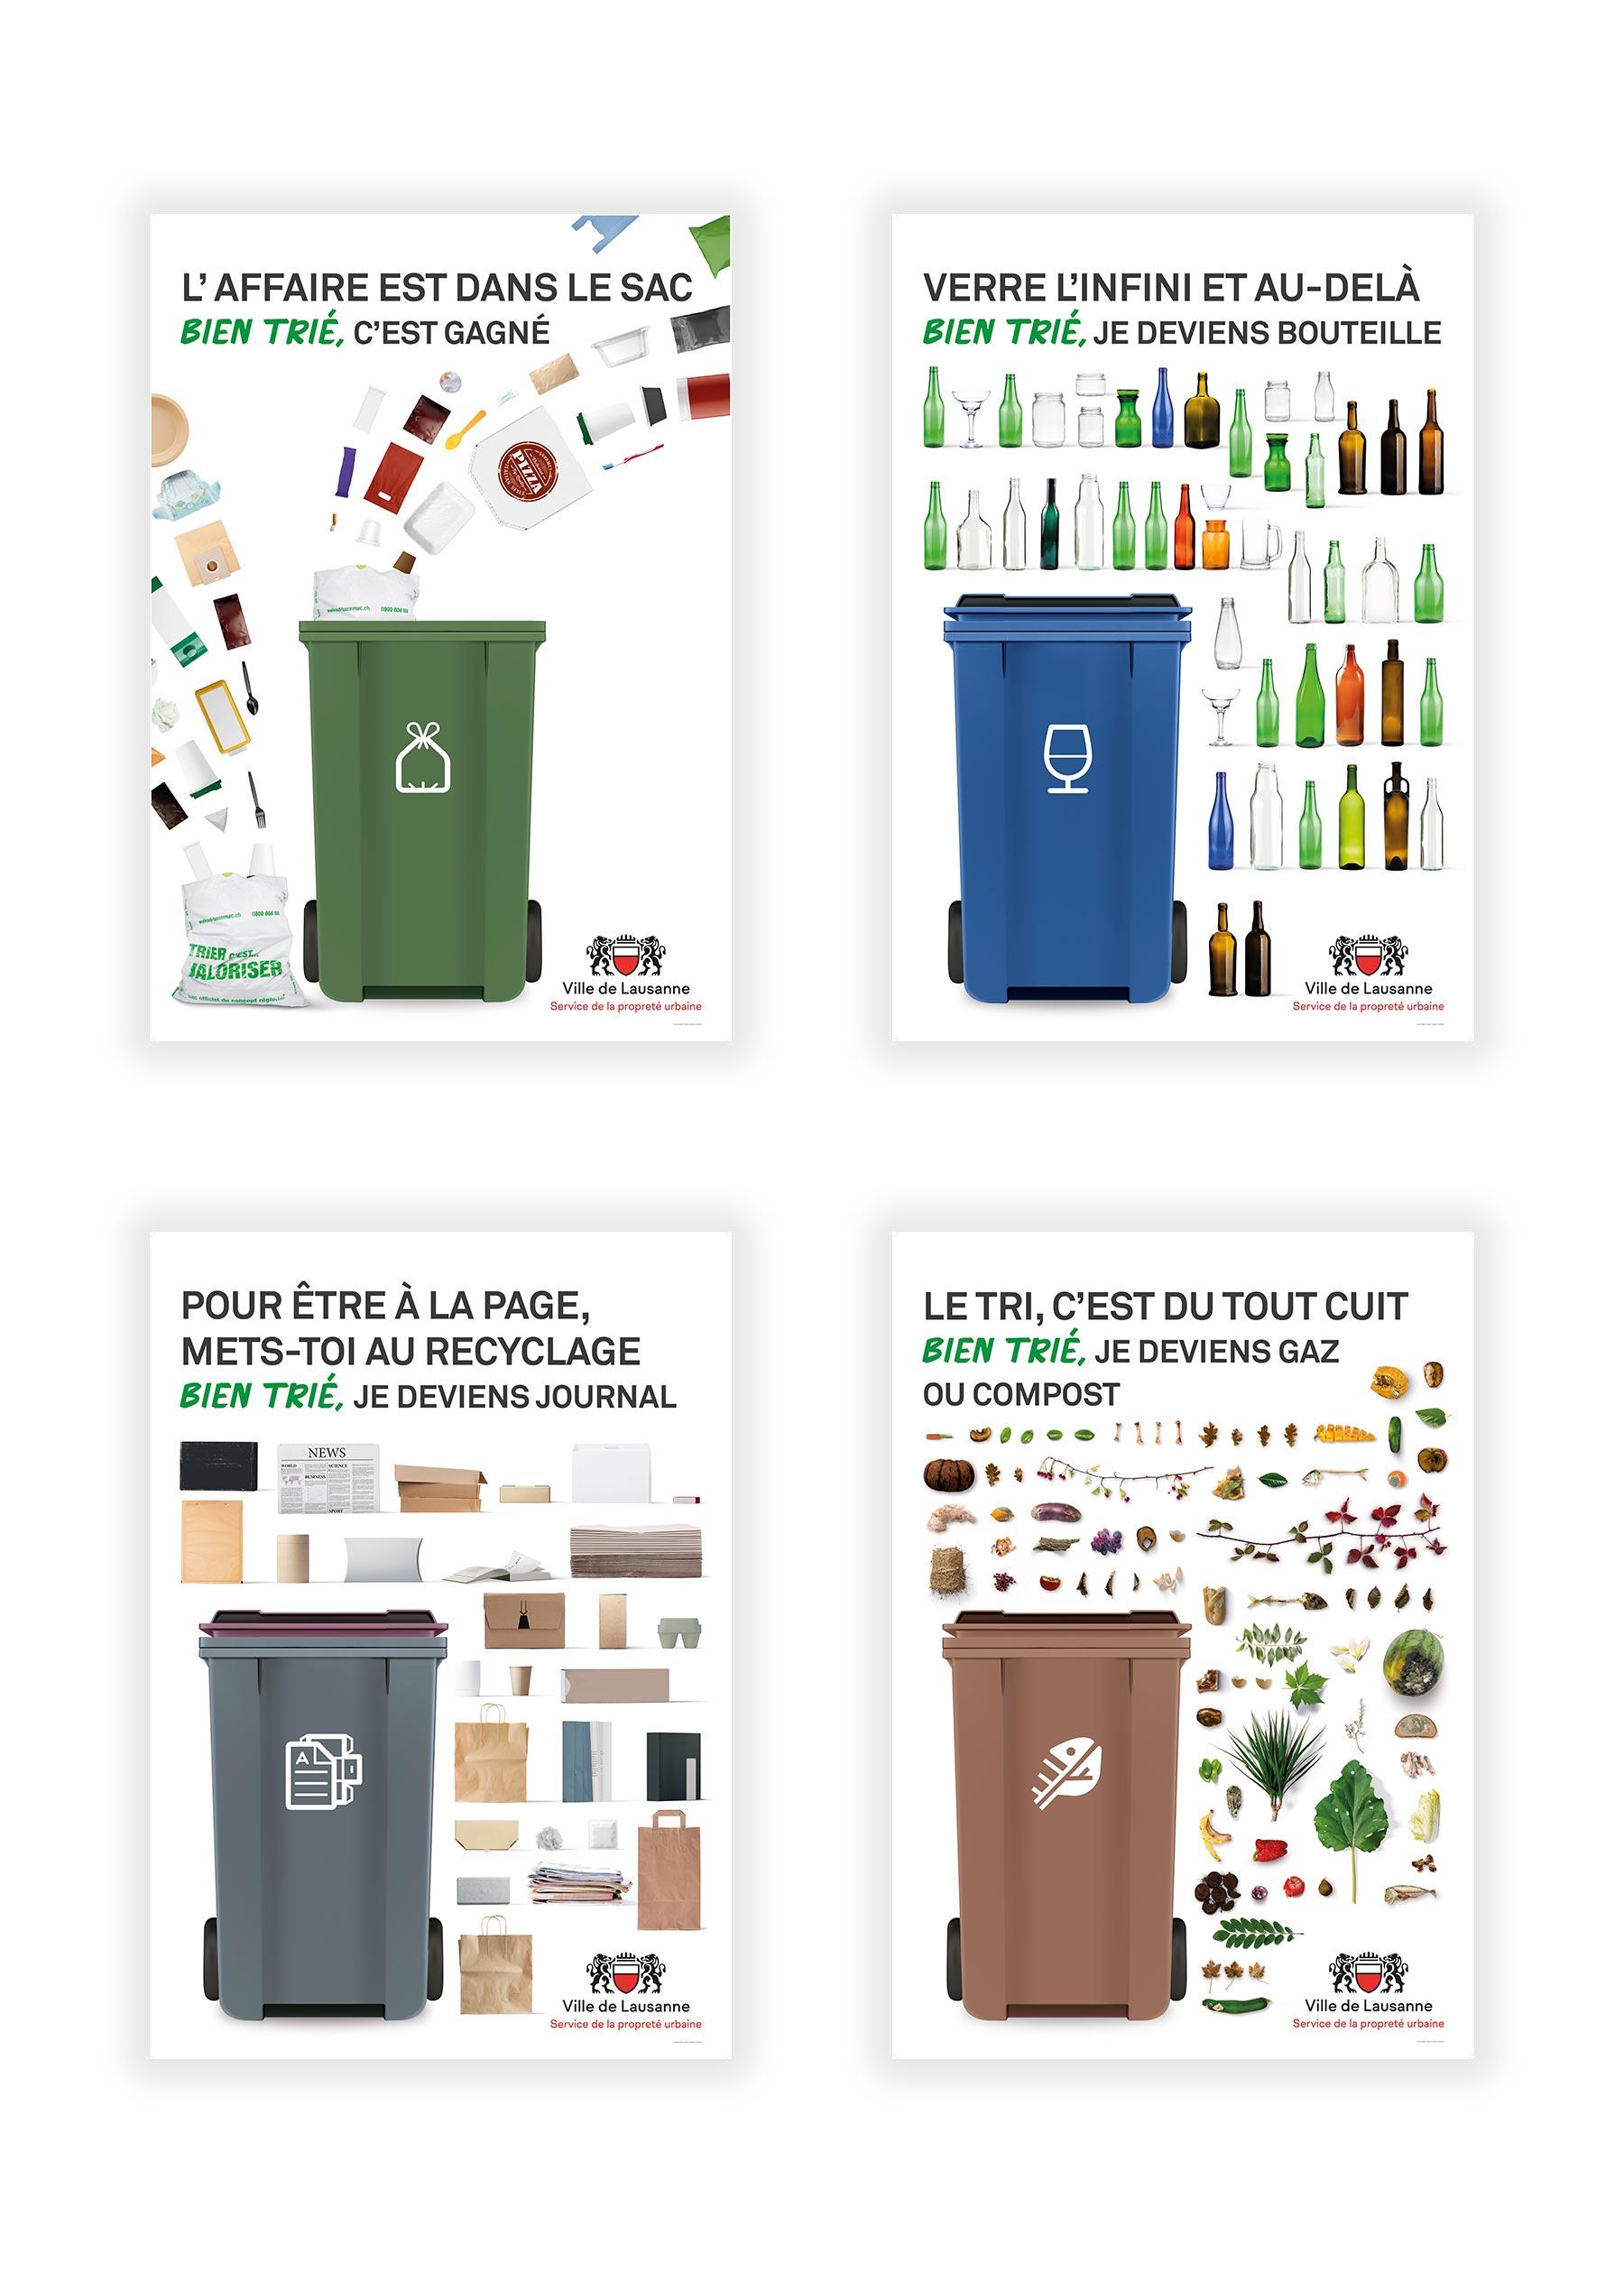 Affiches lausannoise de la campagne 2019 sur le tri des déchets